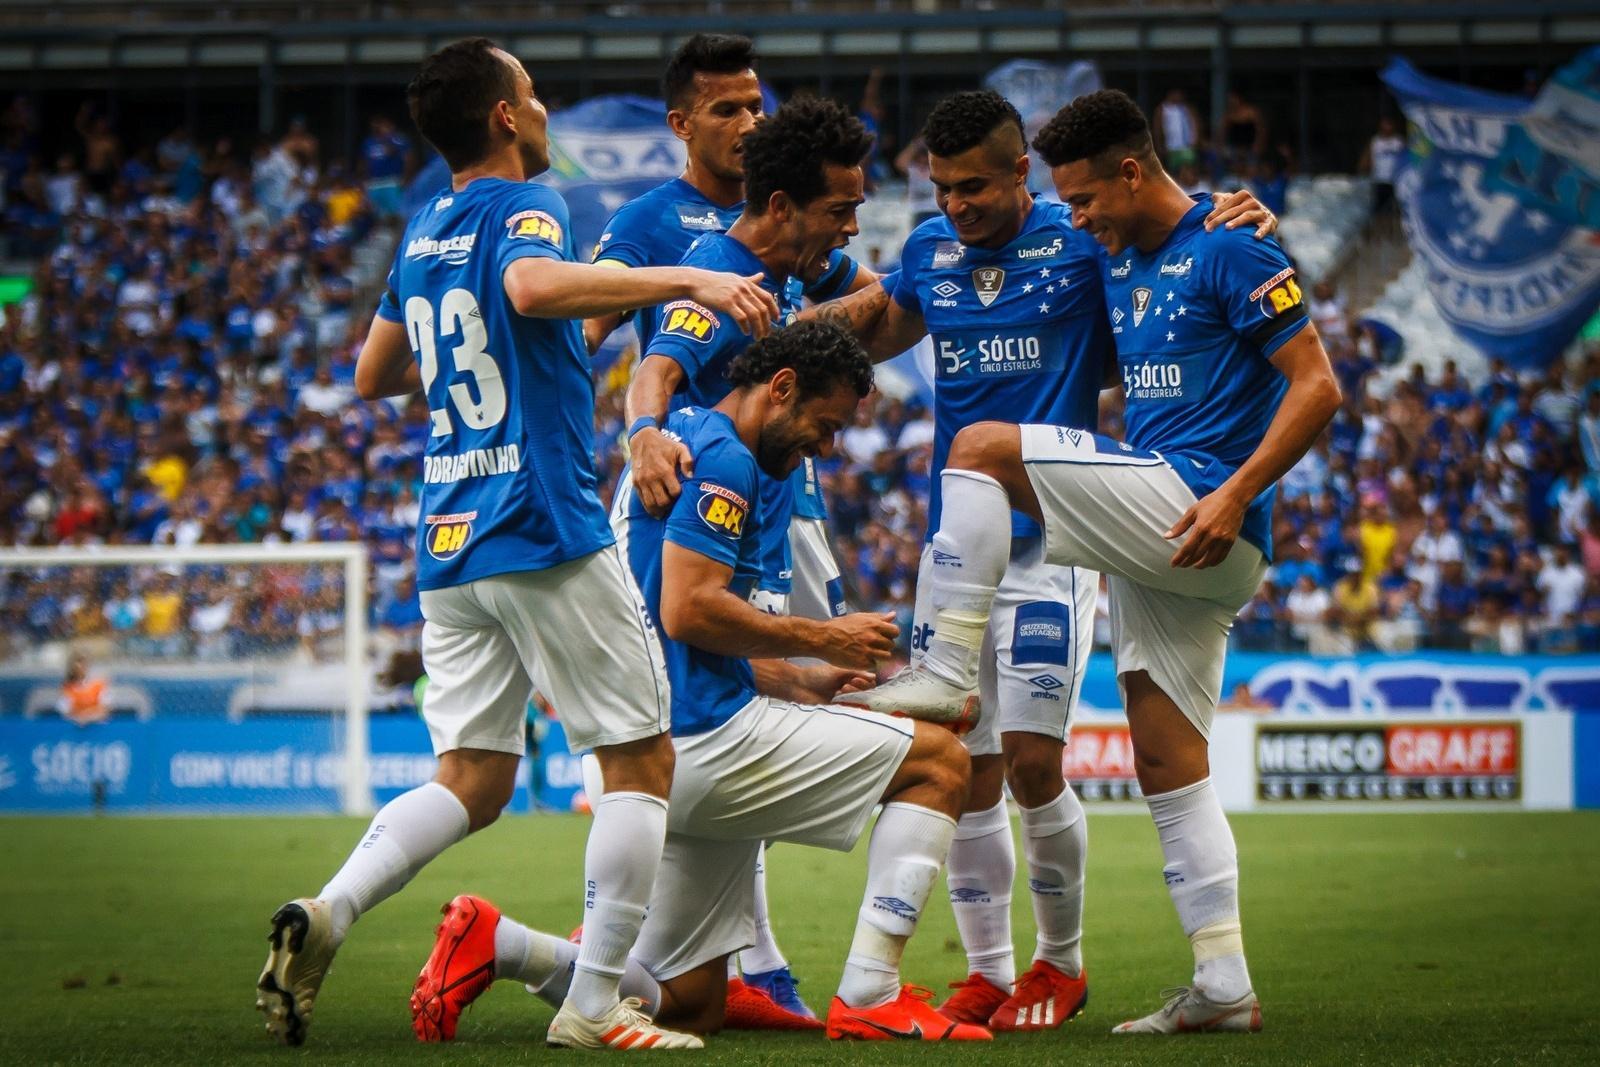 cb2d40ff00 Cruzeiro usa jogo do Mineiro como simulado antes de estrear na Libertadores  - 24 02 2019 - UOL Esporte